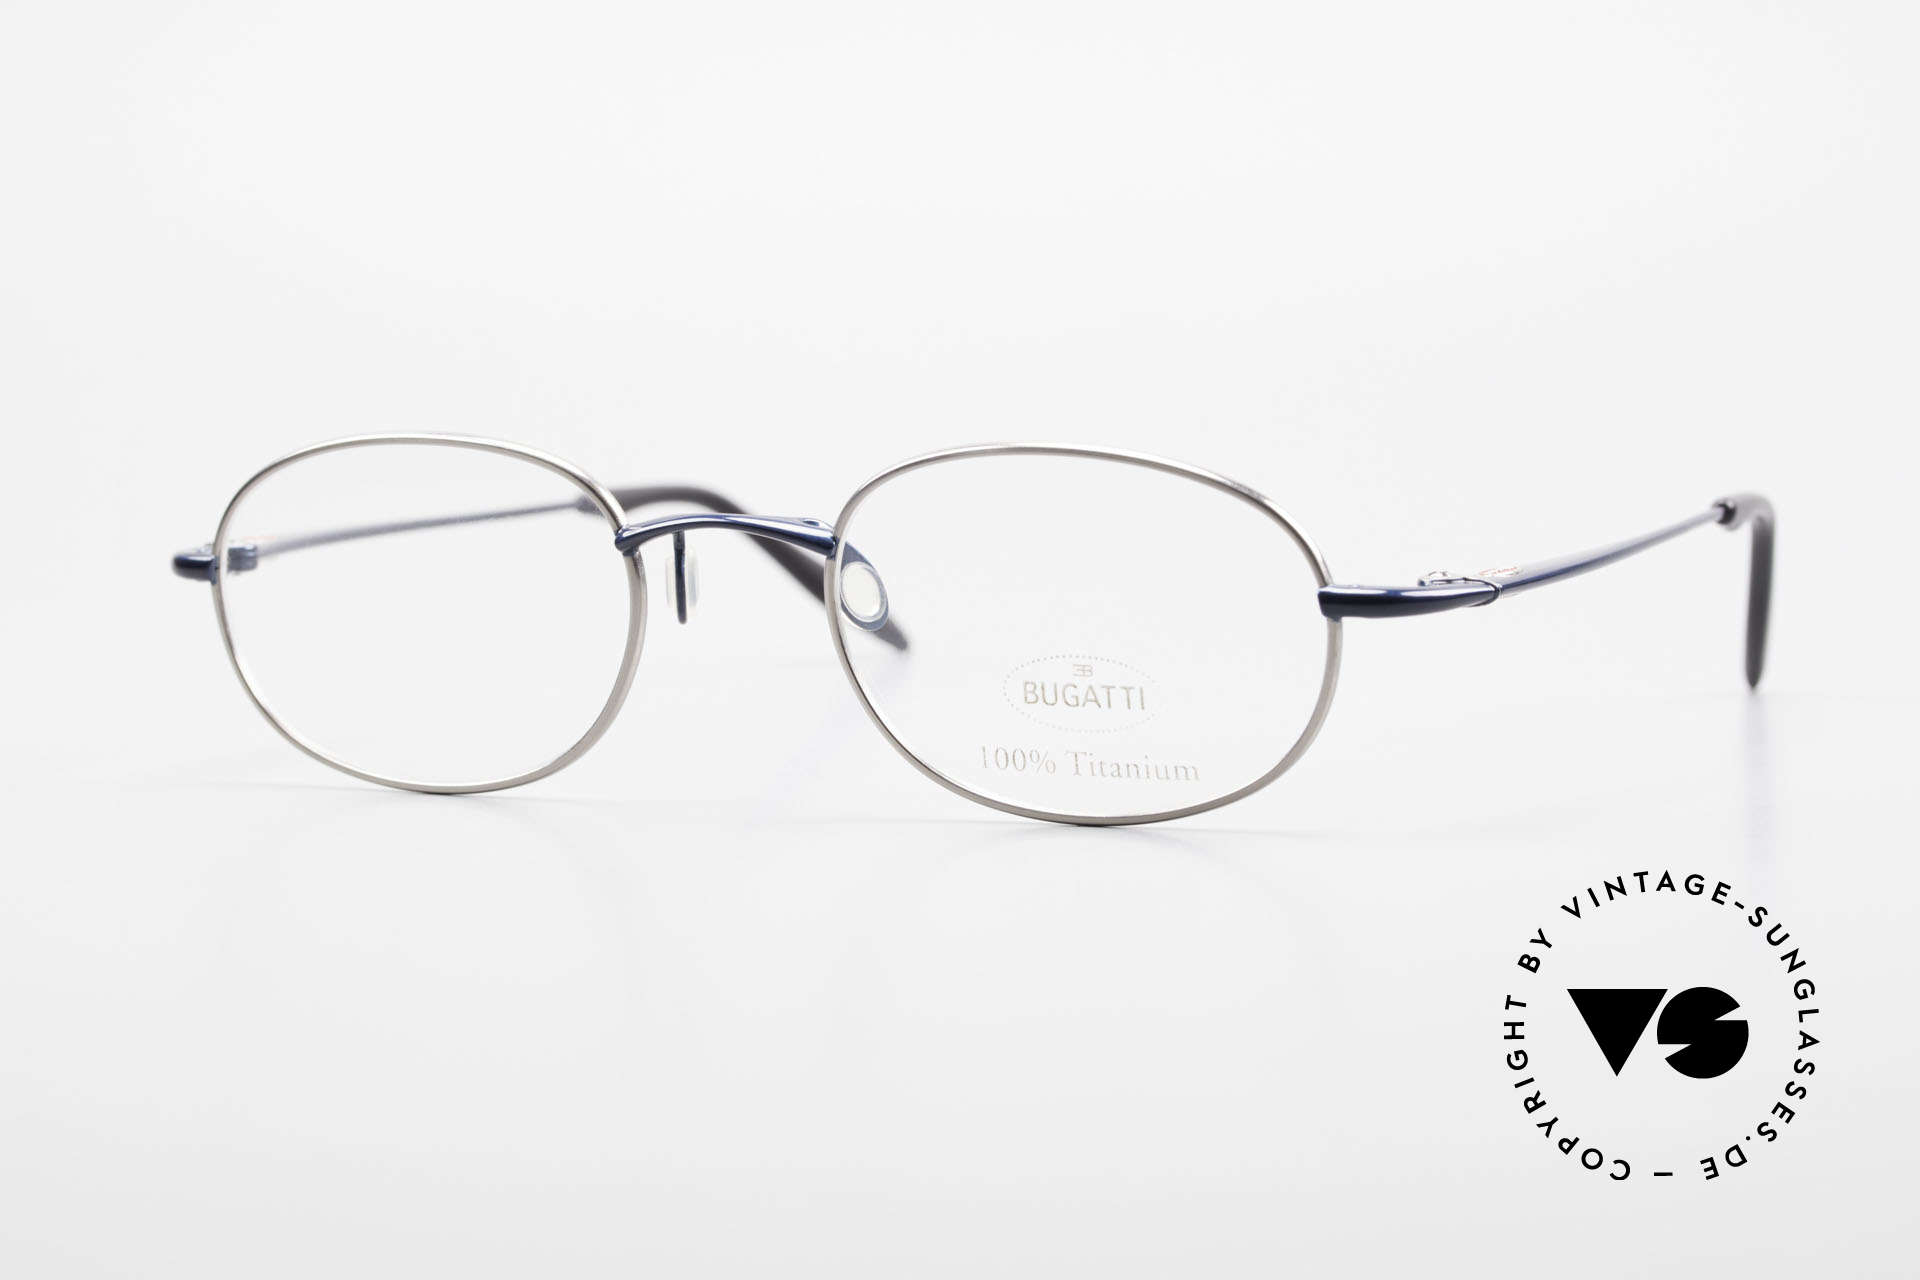 Bugatti 19062 90er Herrenbrille Titanium, 100% Titanium vintage Bugatti Brille von circa 1998, Passend für Herren